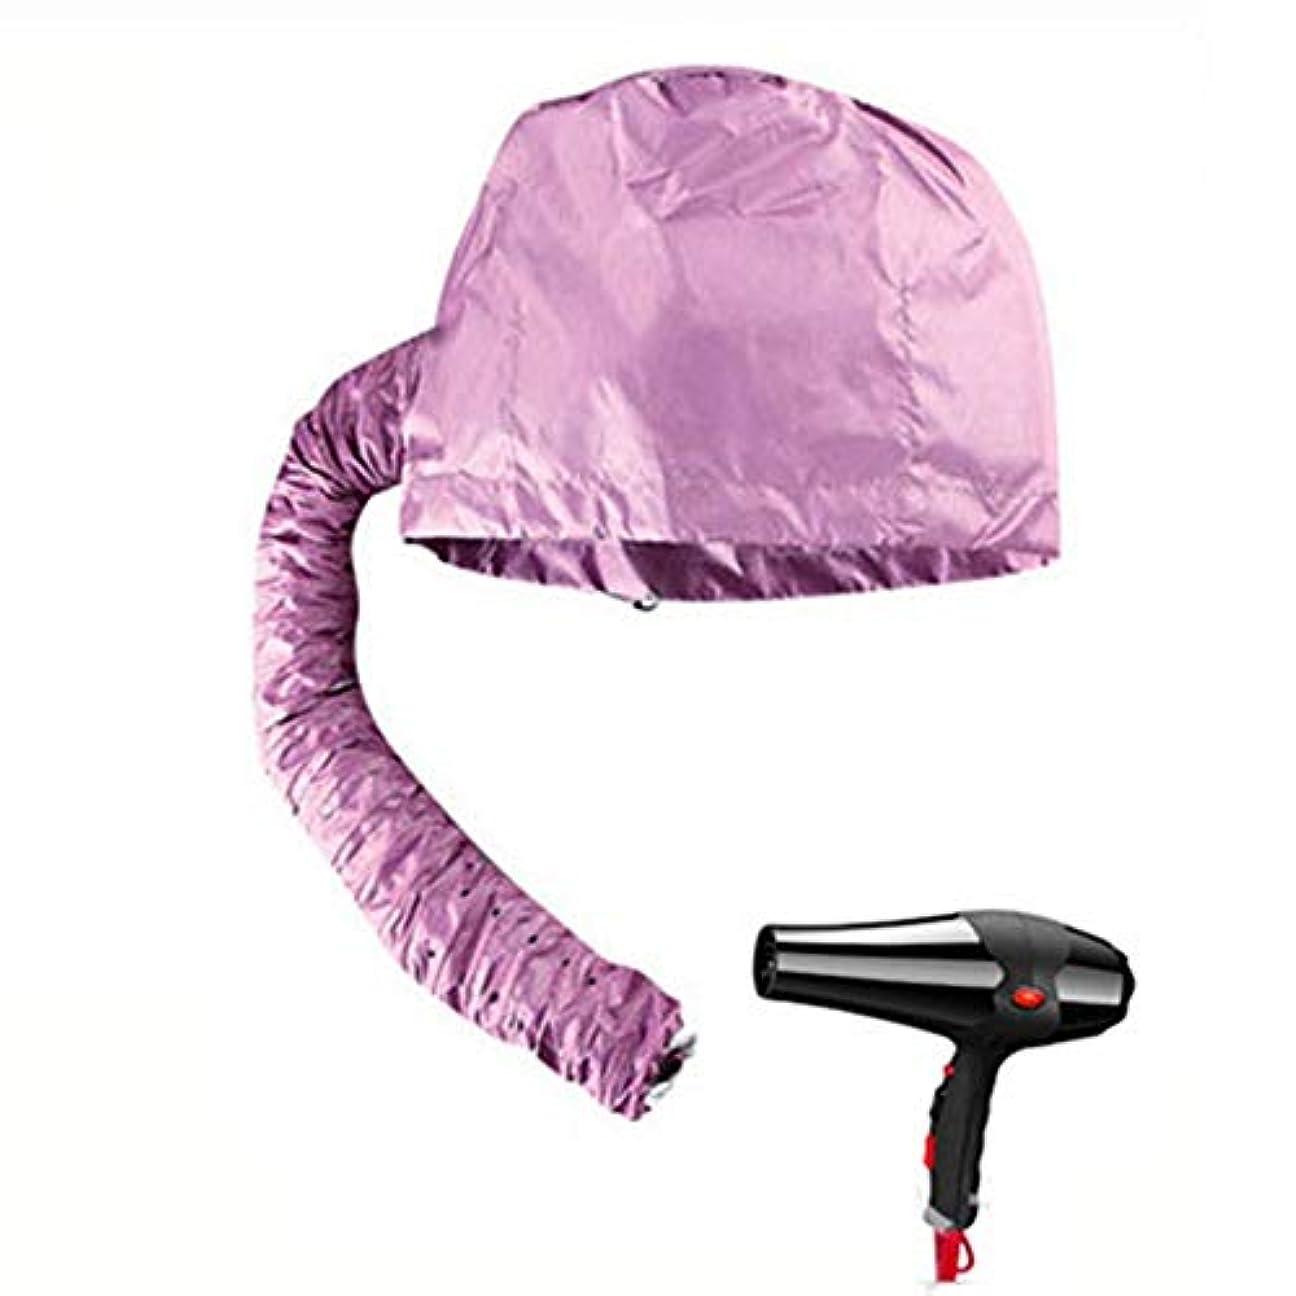 自転車スペア代わってTerGOOSE ヒートキャップ ヘアドライヤーキャップ 加温キャップ DIY 加熱機能 マイルドヒートキャップ ヘアケア帽子 髪干し帽子 髪ケア ホームサロン タイマー機能 携帯(パープル)